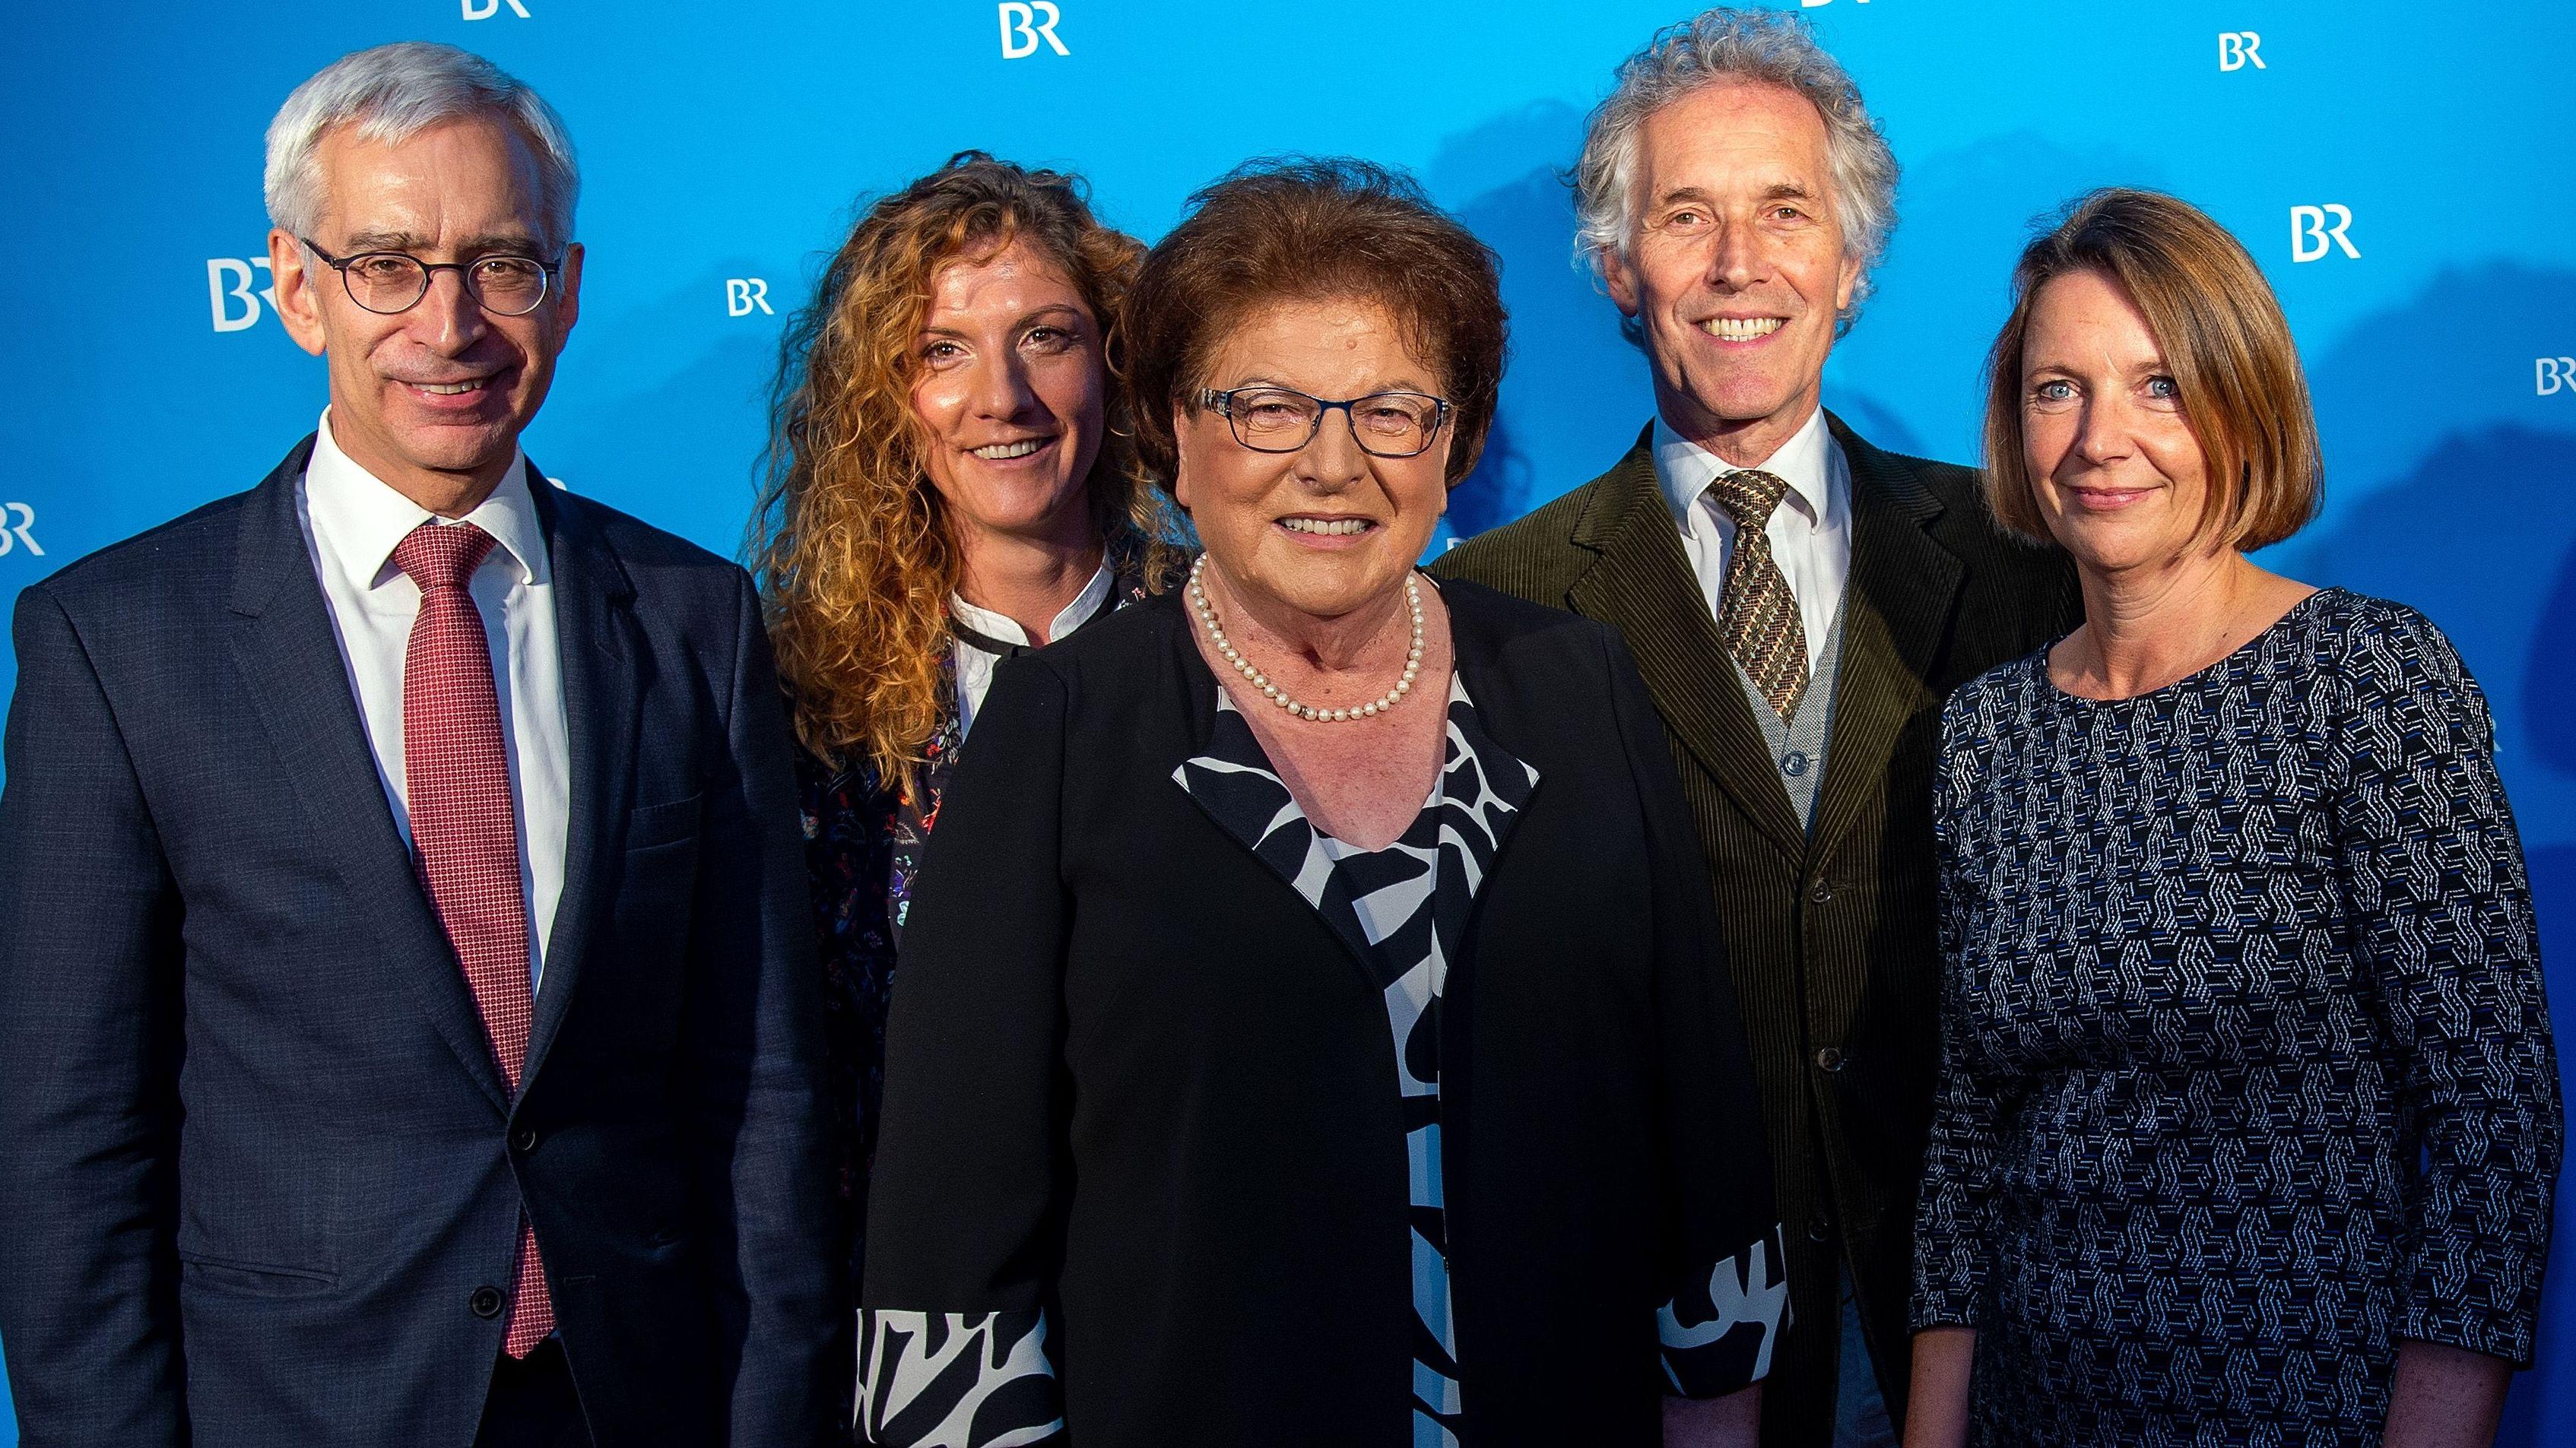 Barbara Stamm bei der Filmpremiere in Würzburg